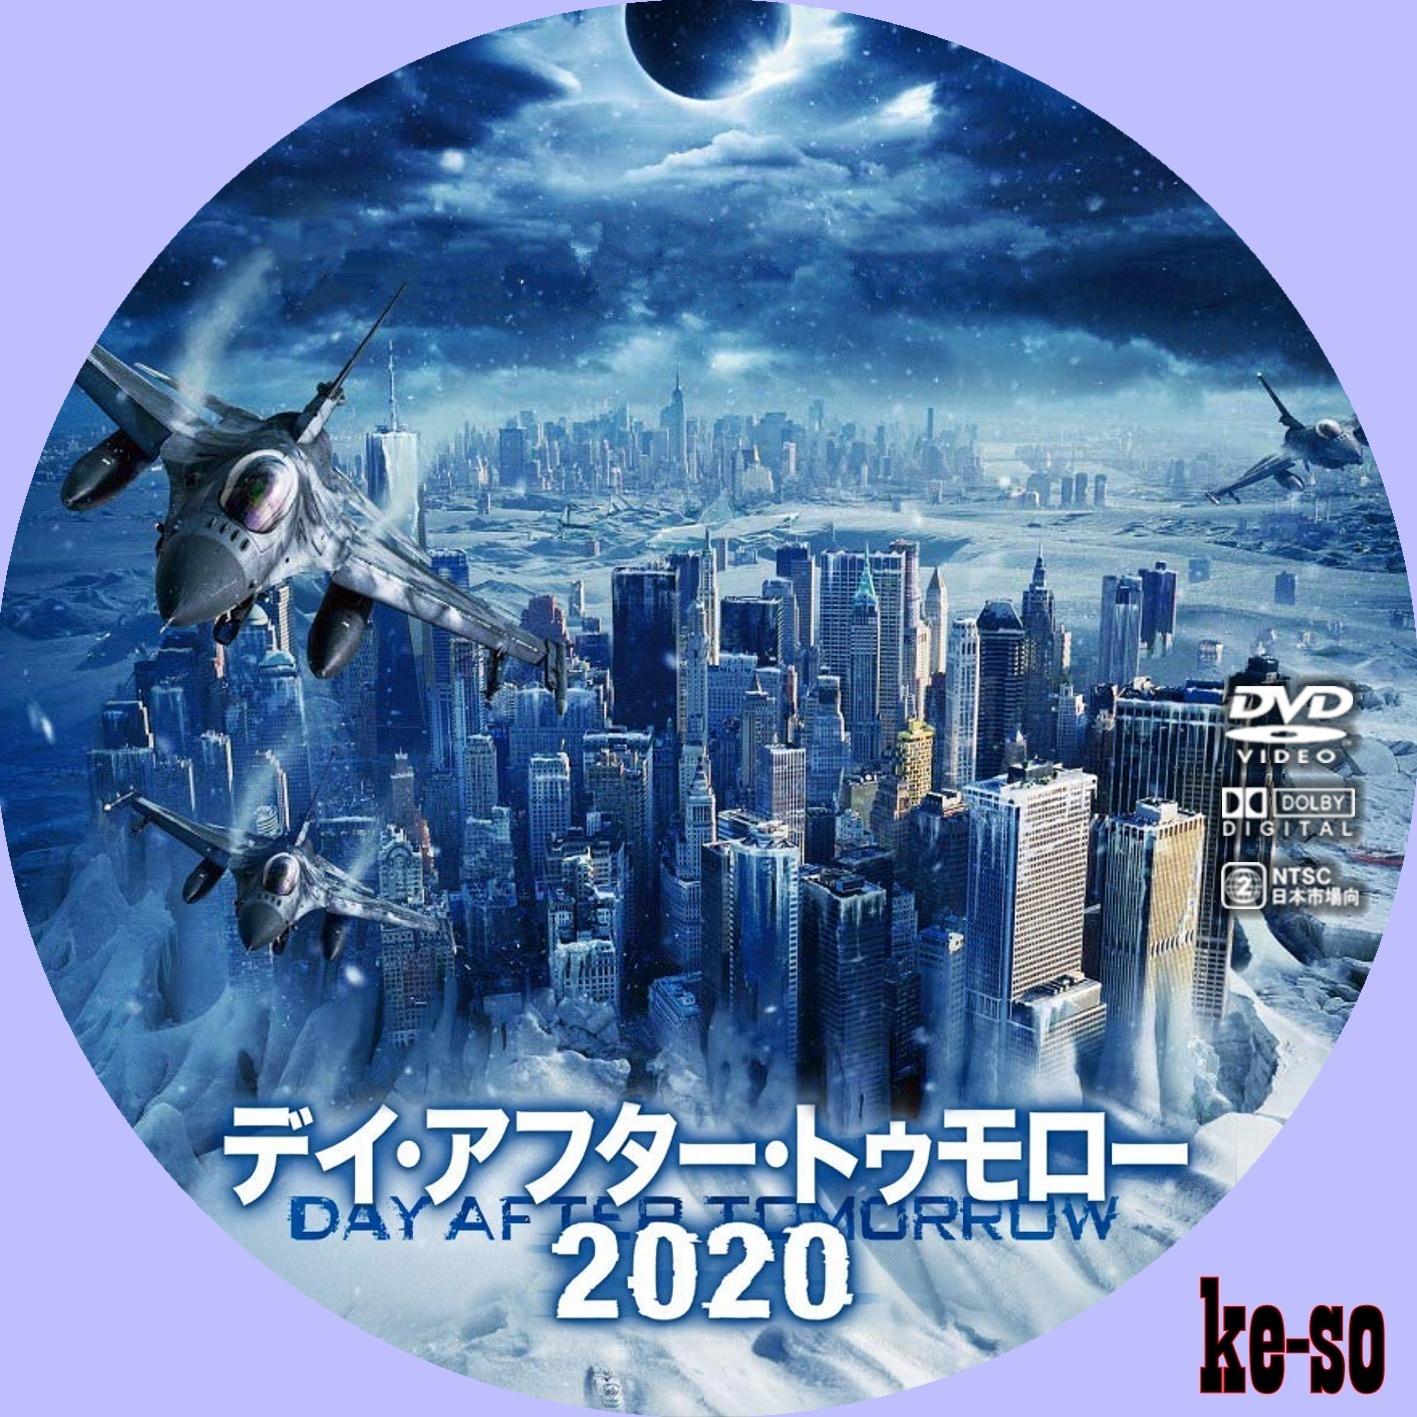 2020 トゥモロー デイ アフター